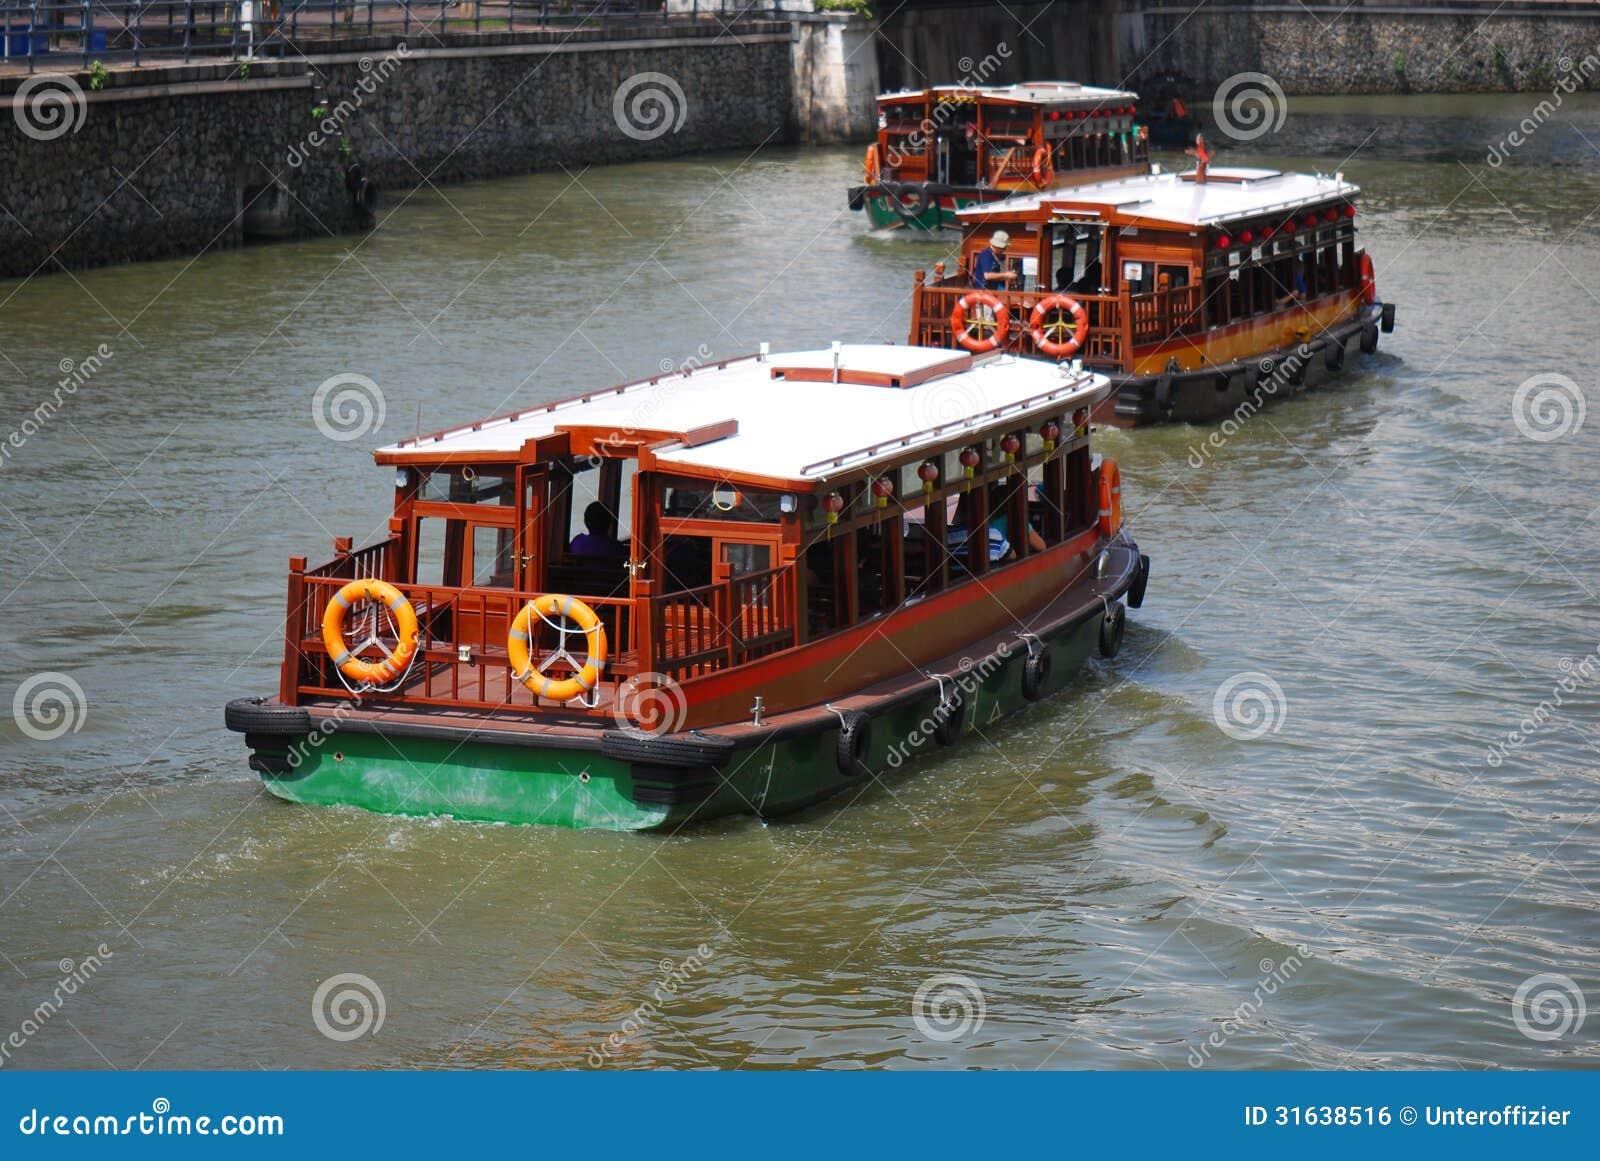 Flodfartyg